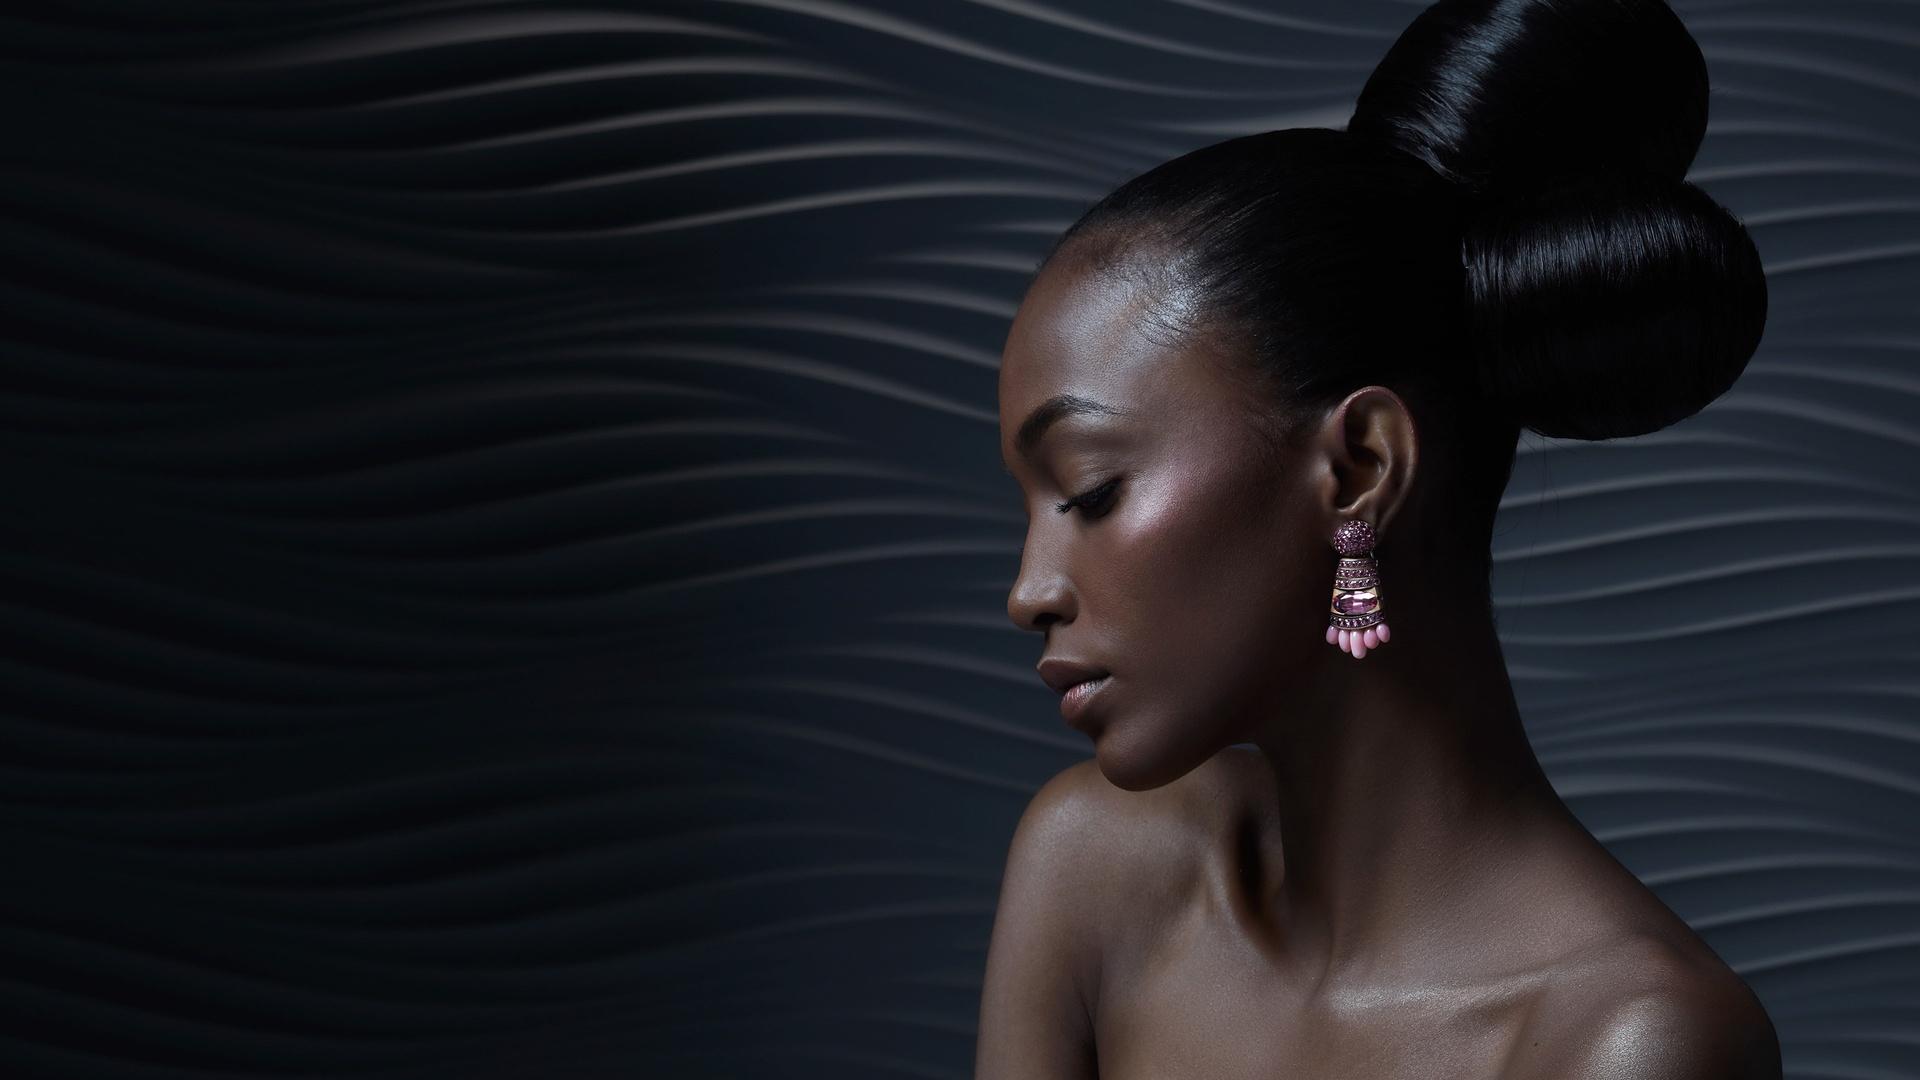 девушка, чернокожая, негритянка, серьги, прическа, макияж, профиль, темная